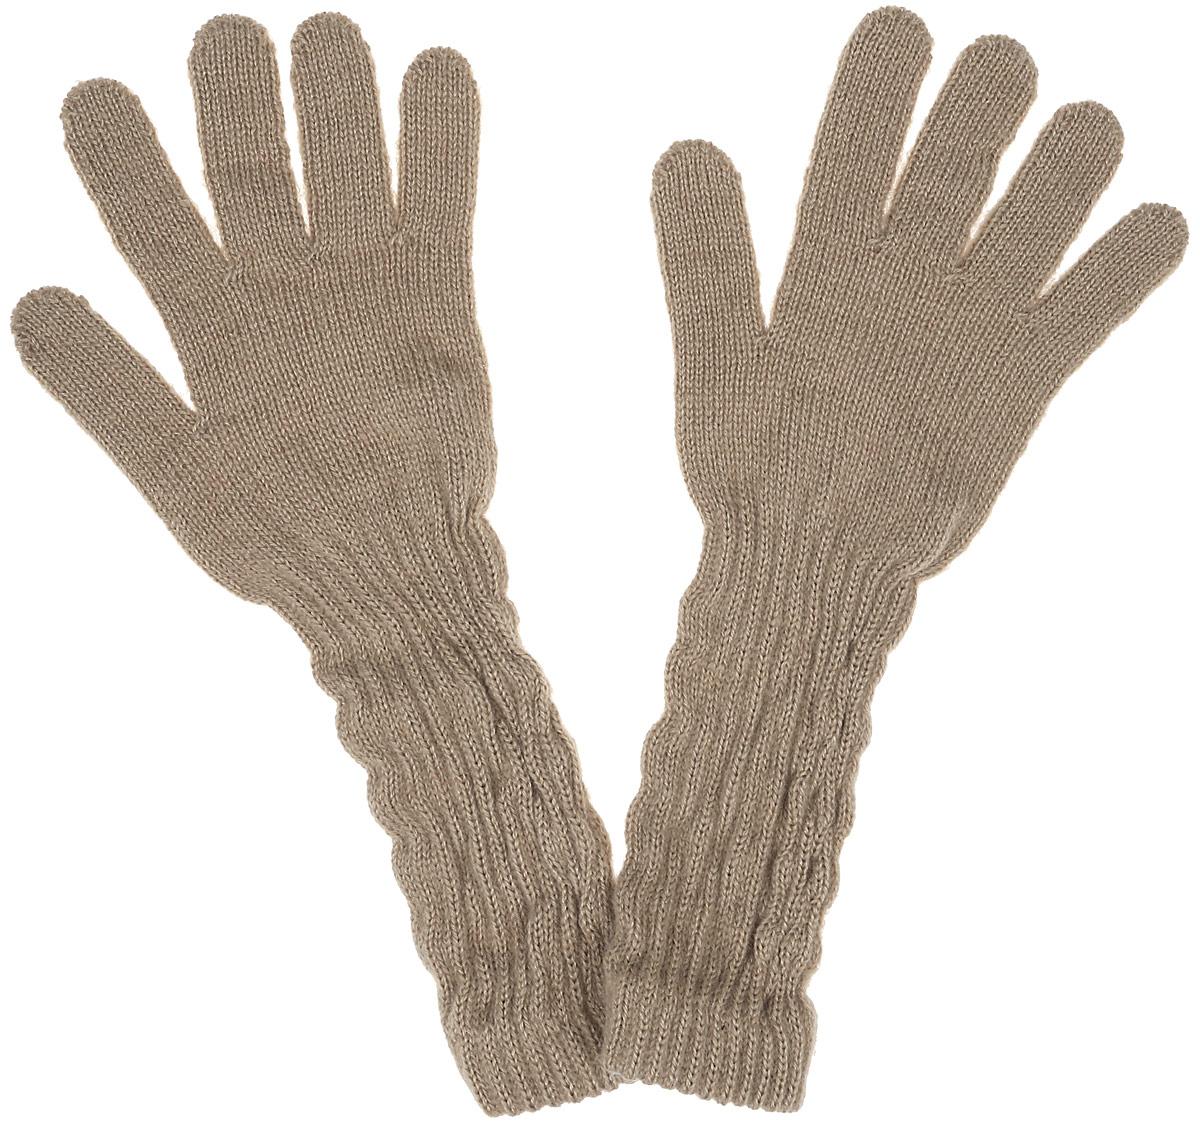 PALMA-22Уютные перчатки для девочки Margot Bis Palma идеально подойдут для прогулок в прохладное время года. Изготовленные из высококачественного акрила, очень мягкие и приятные на ощупь и хорошо сохраняют тепло. Удлиненные перчатки выполнены в лаконичном однотонном стиле. Верх модели на мягкой резинке, которая не стягивает запястья и надежно фиксирует перчатки на ручках ребенка.